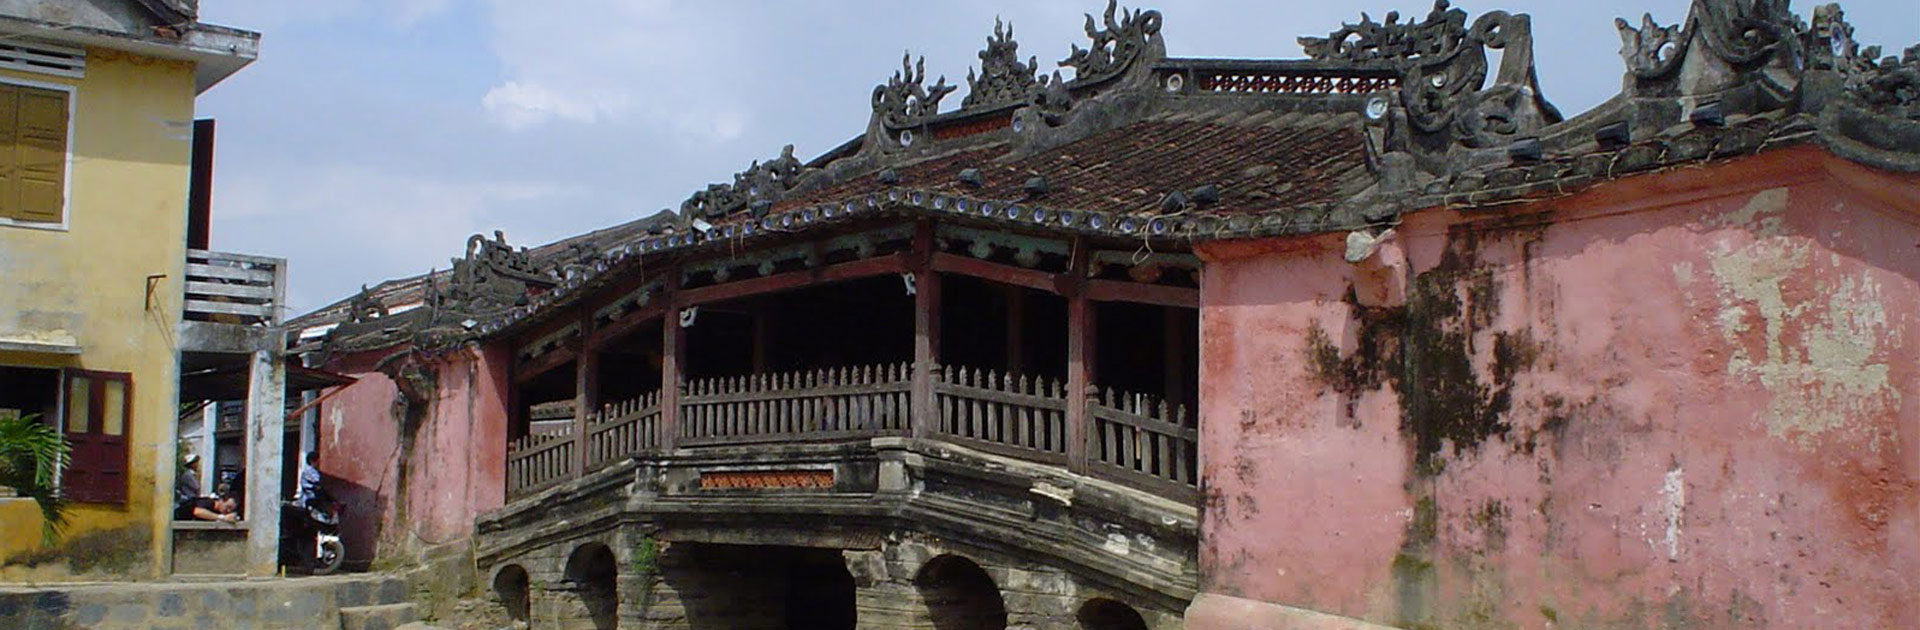 THVN Super Vietnam y Phuket 14 días 2